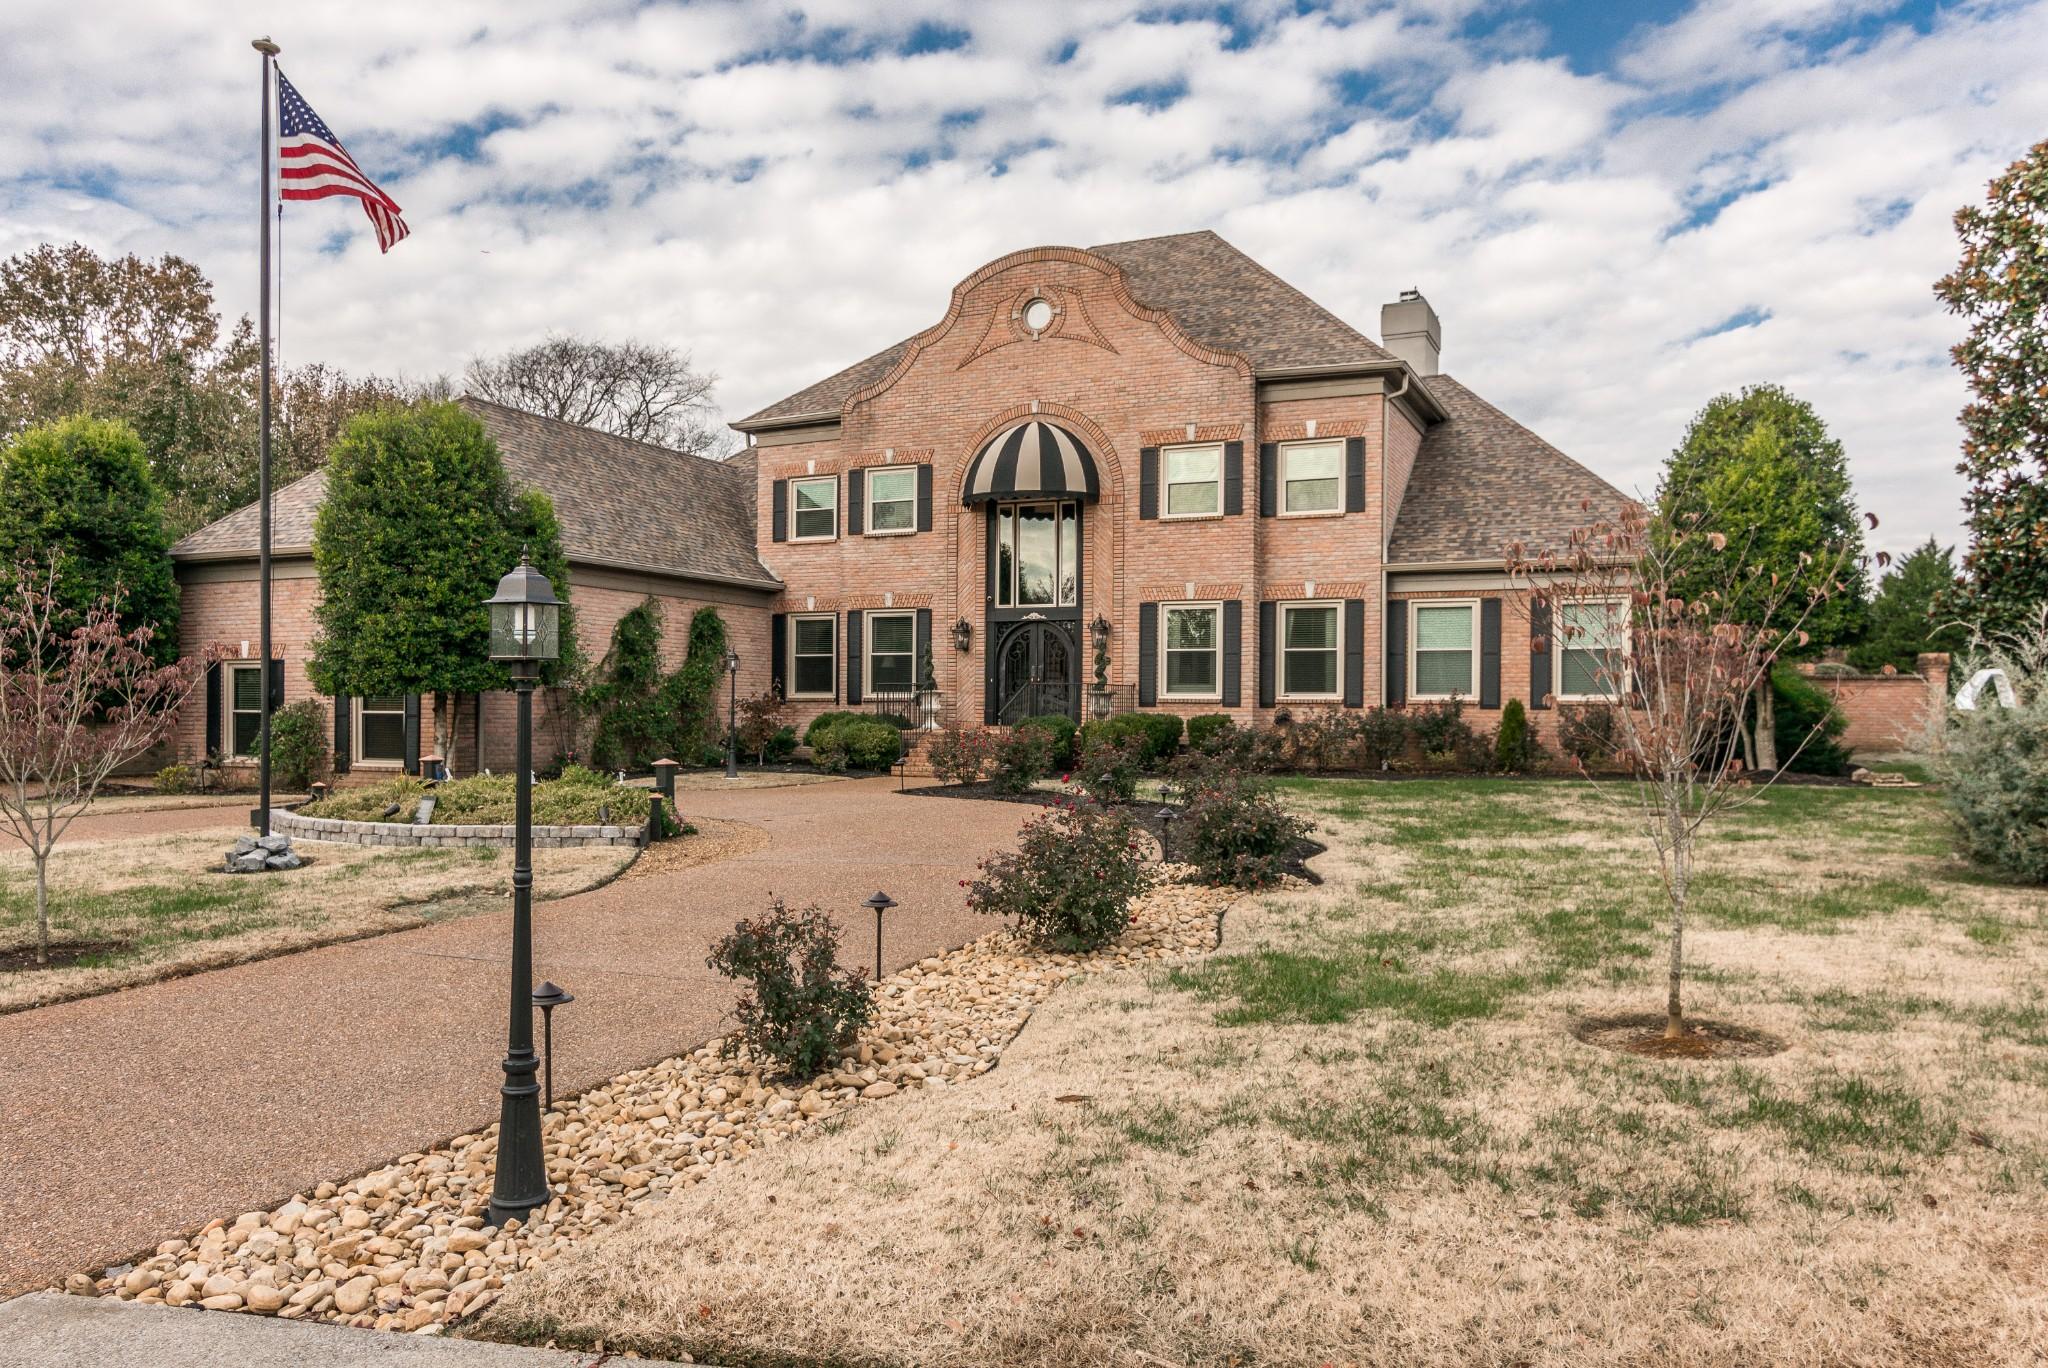 103 Secretariat Pl, Hendersonville, TN 37075 - Hendersonville, TN real estate listing